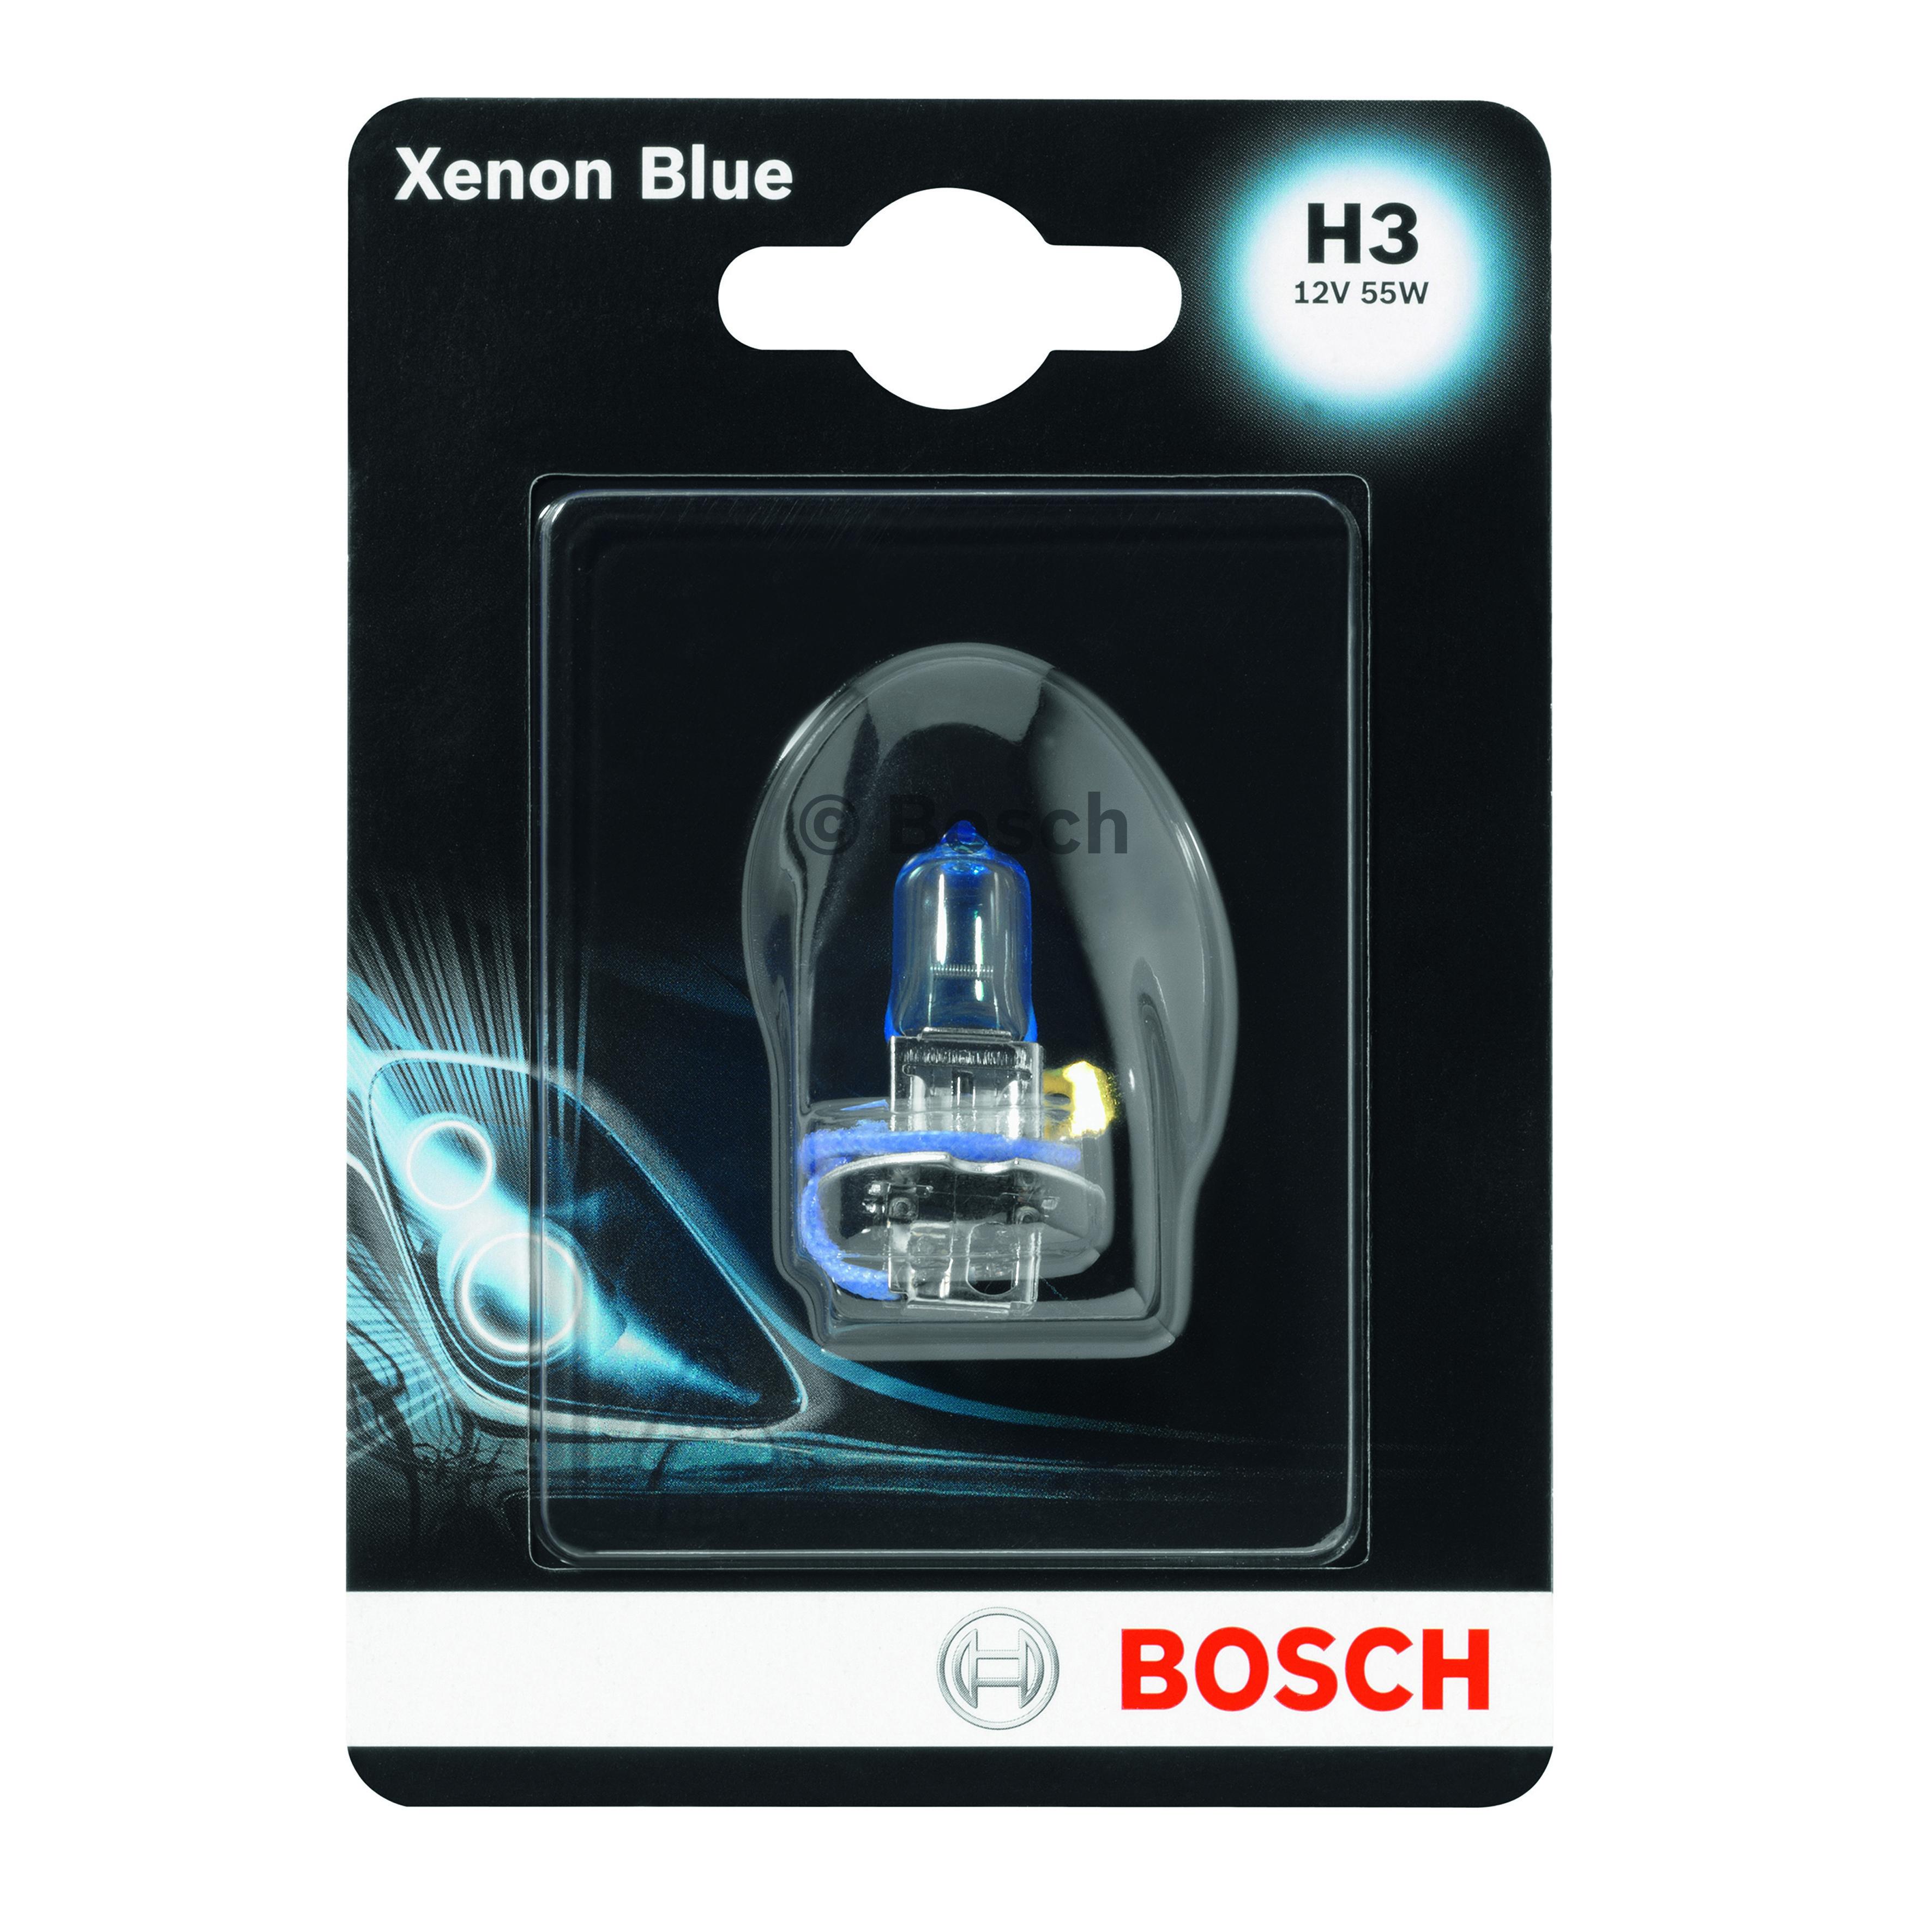 BOSCH H3 Globe Xenon Blue 12V 55W 1987301007 fits Seat Cordoba 1.6 i, 1.8 i, ...